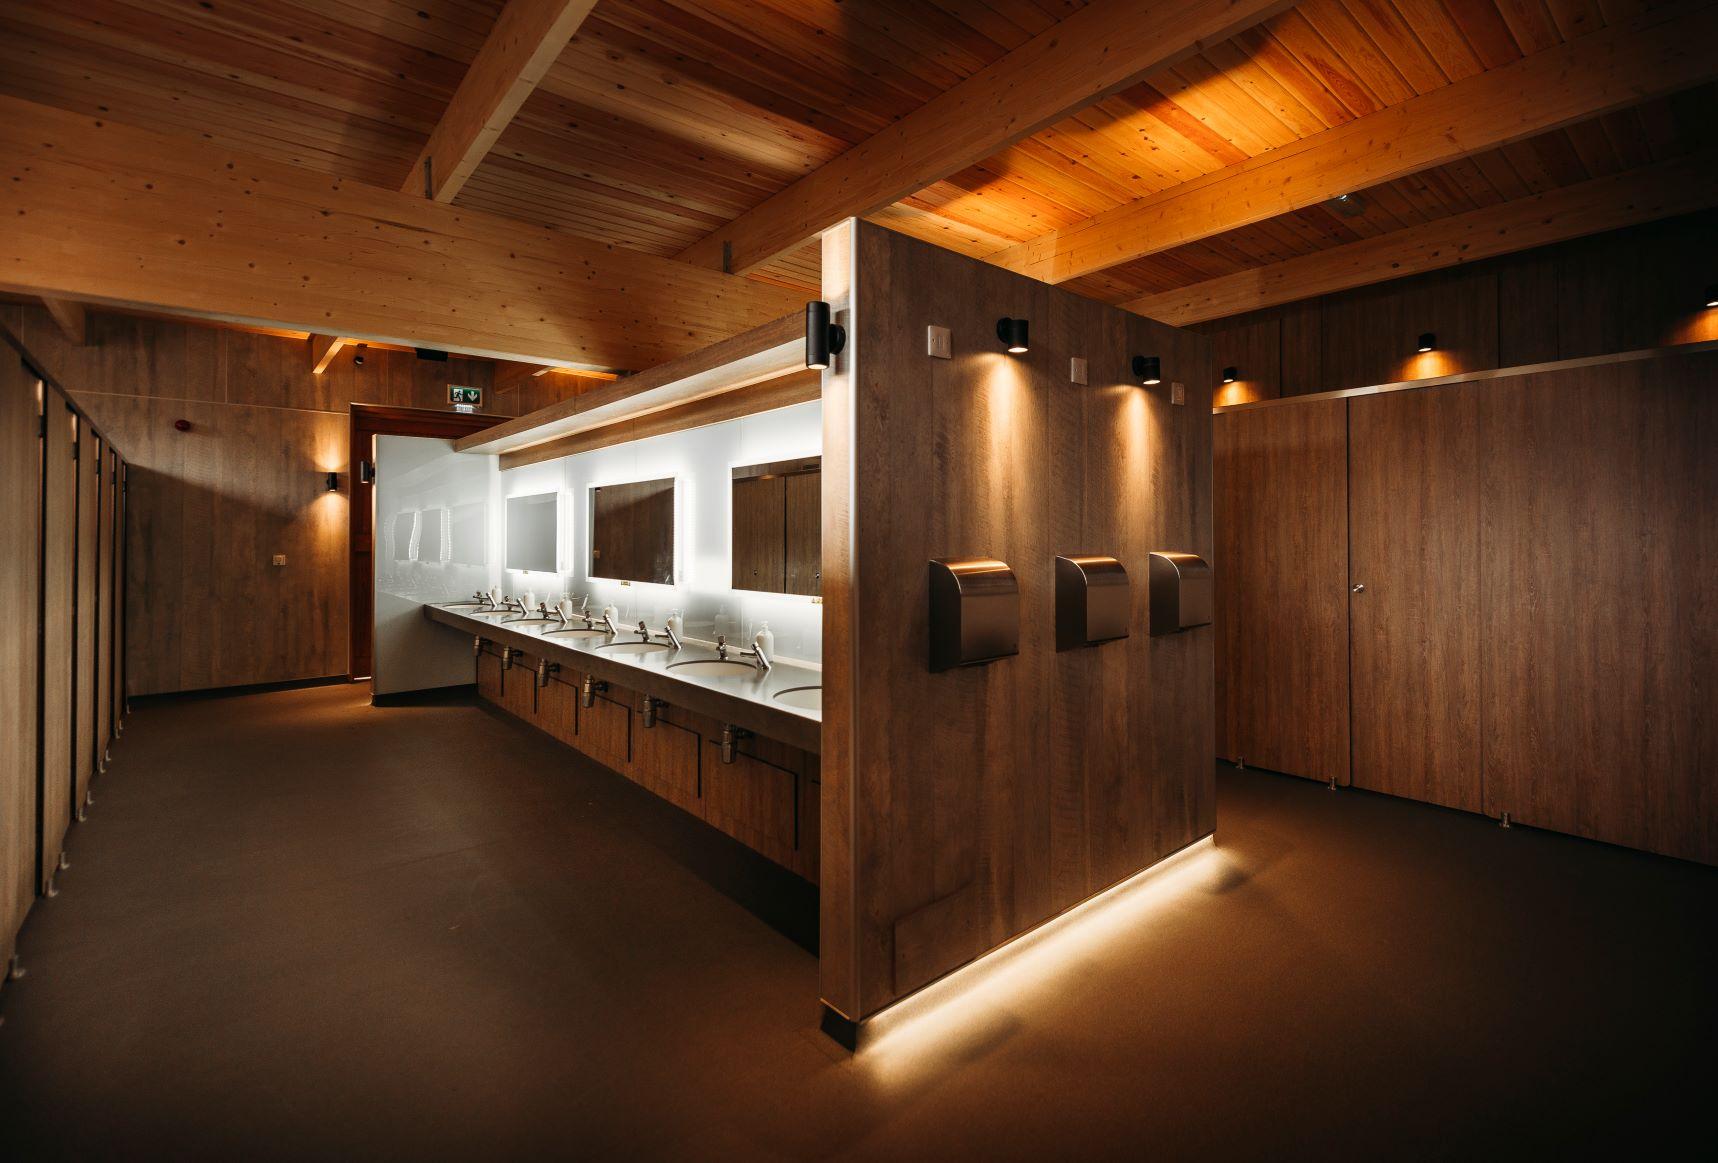 B. Interior new shower complex